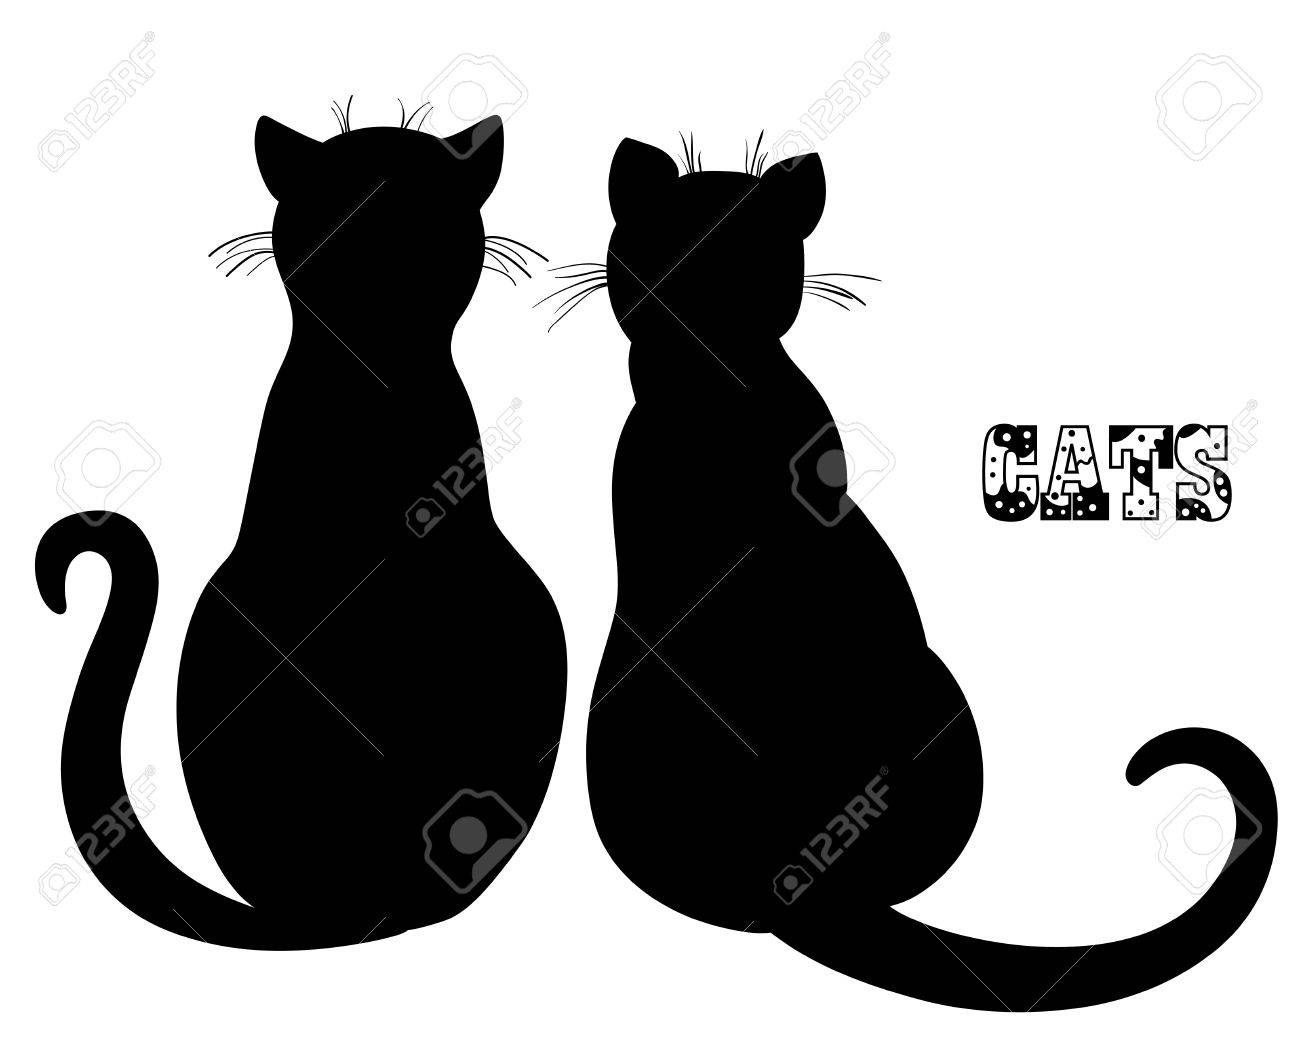 Gato Silueta Dibujado A Mano Los Gatos En El Fondo De Aislamiento